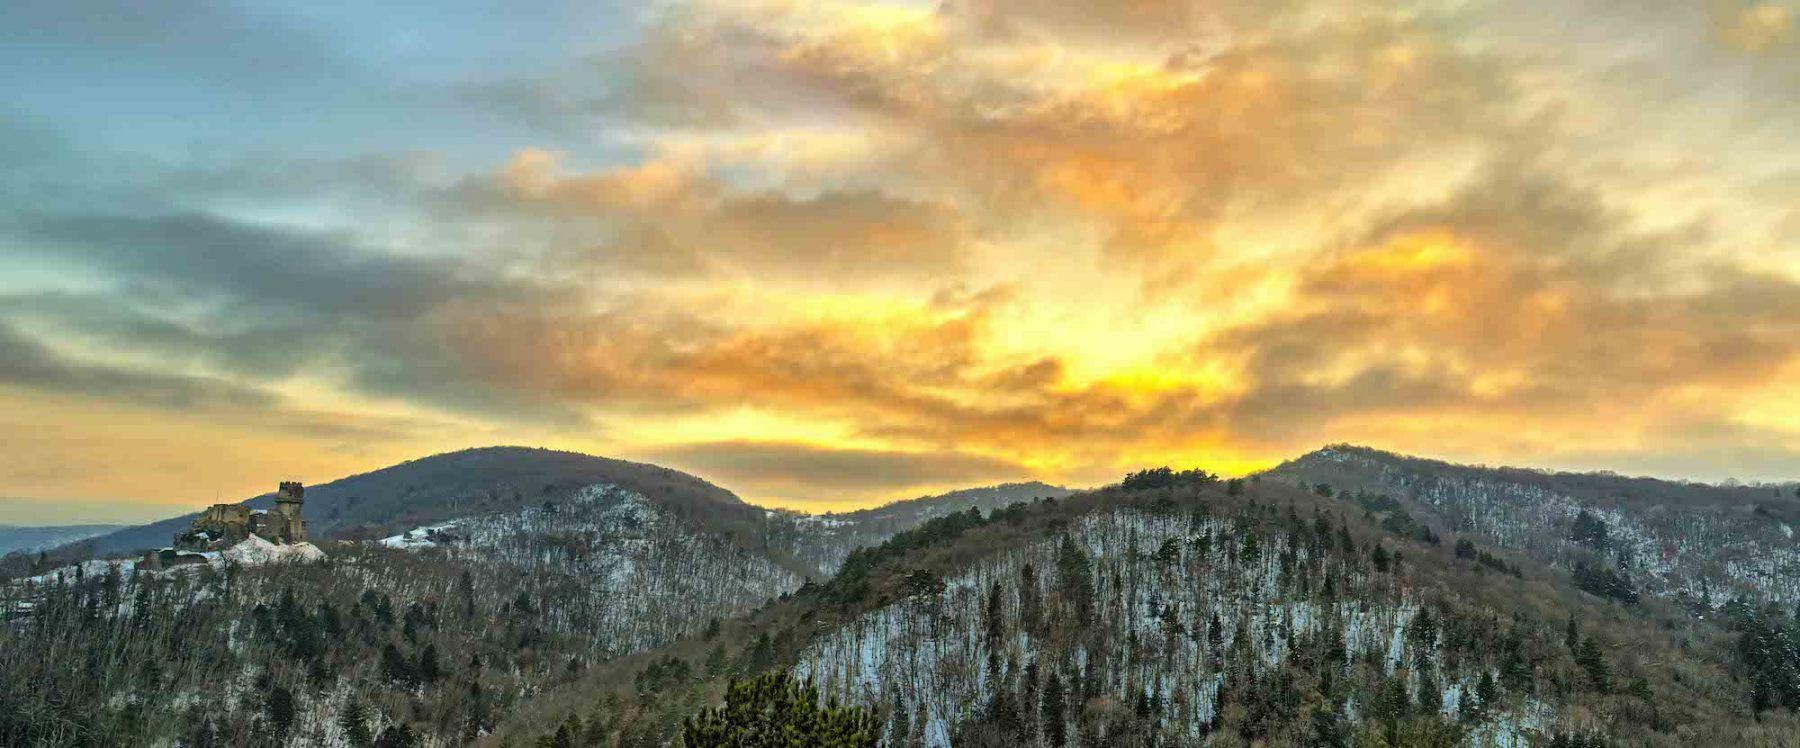 Gorges d'Enval - Auvergne - Bougnat Photos